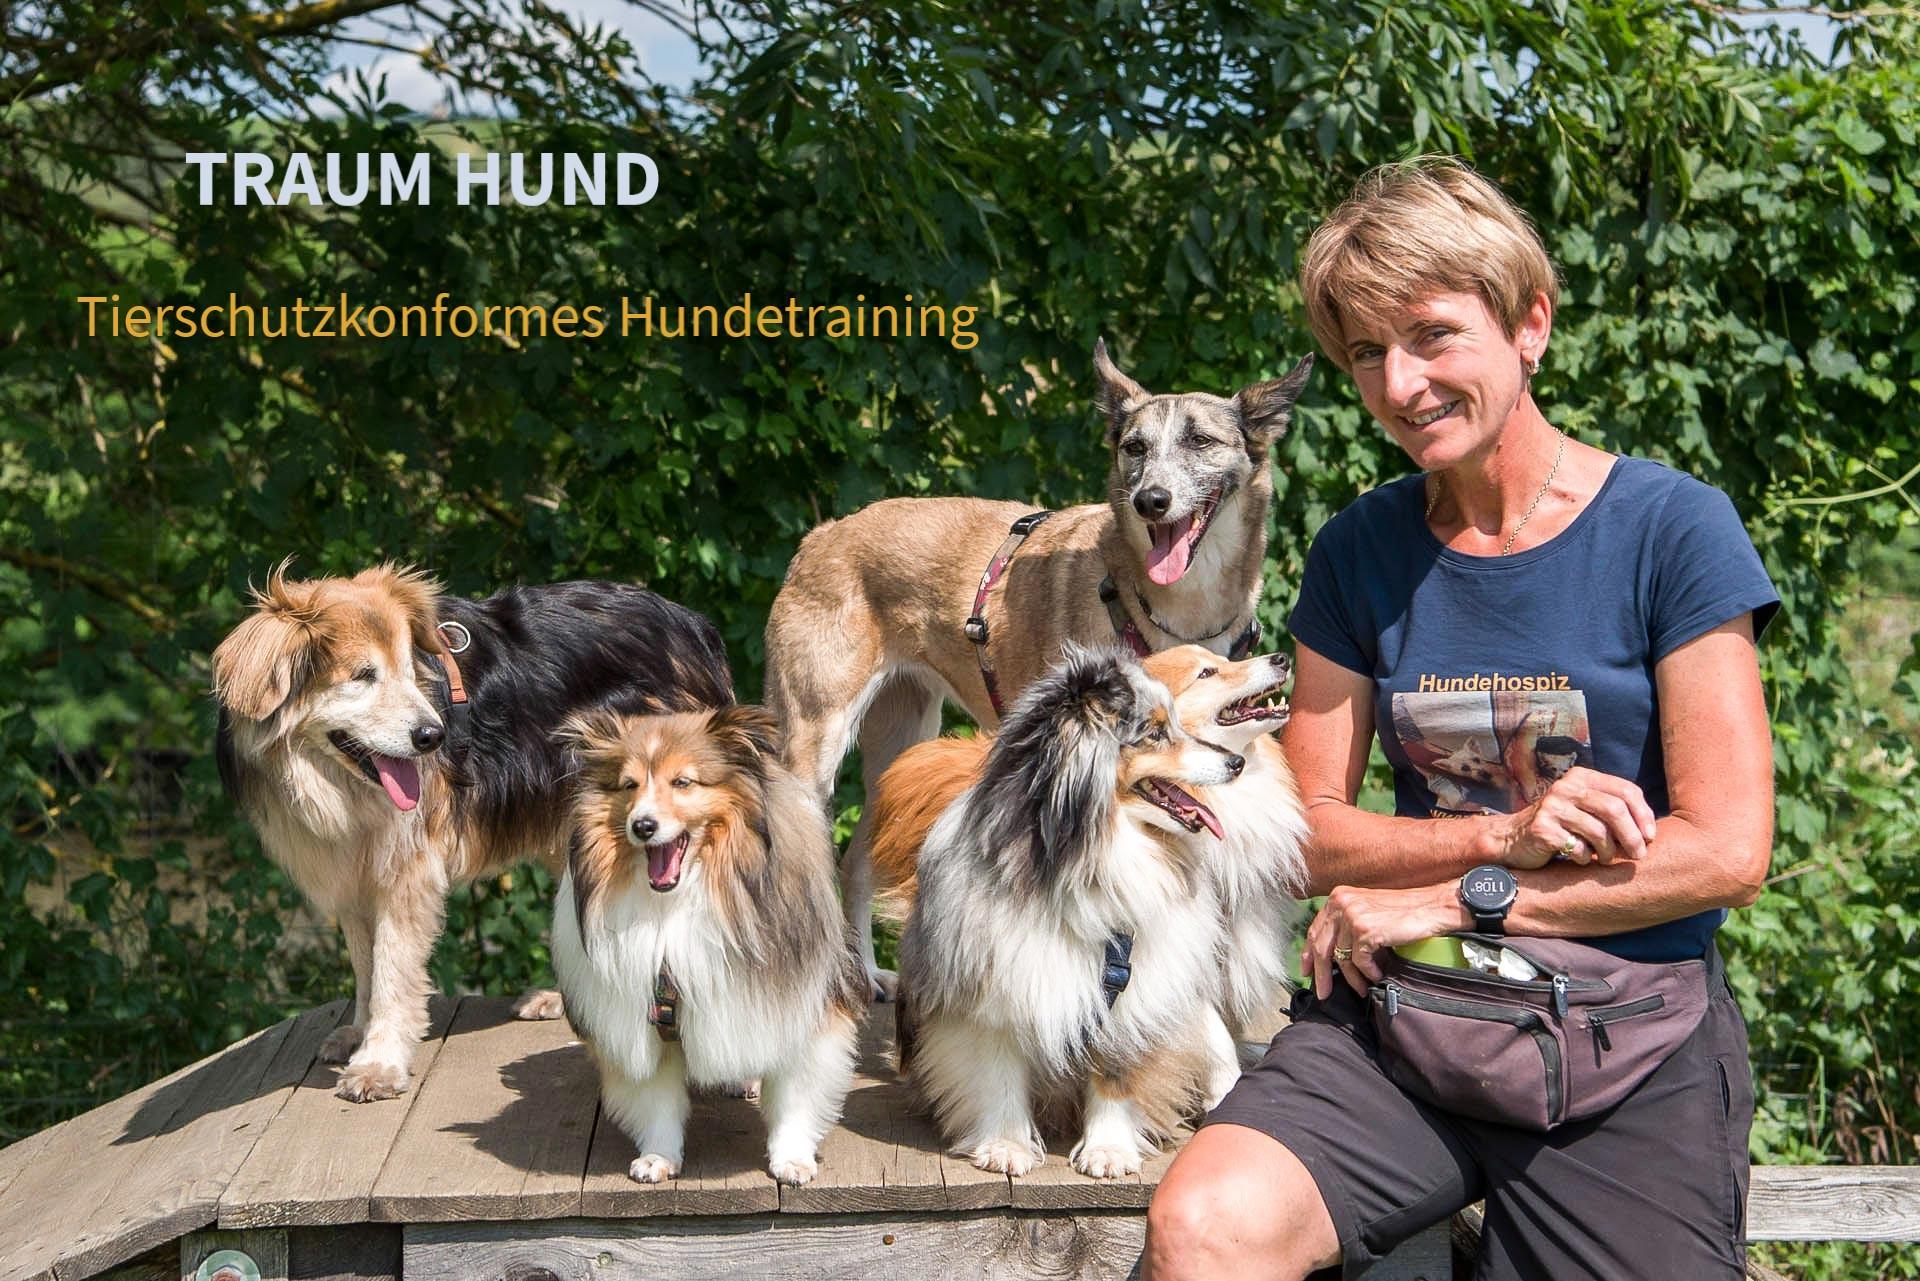 TRAUM HUND Sabine Neumann